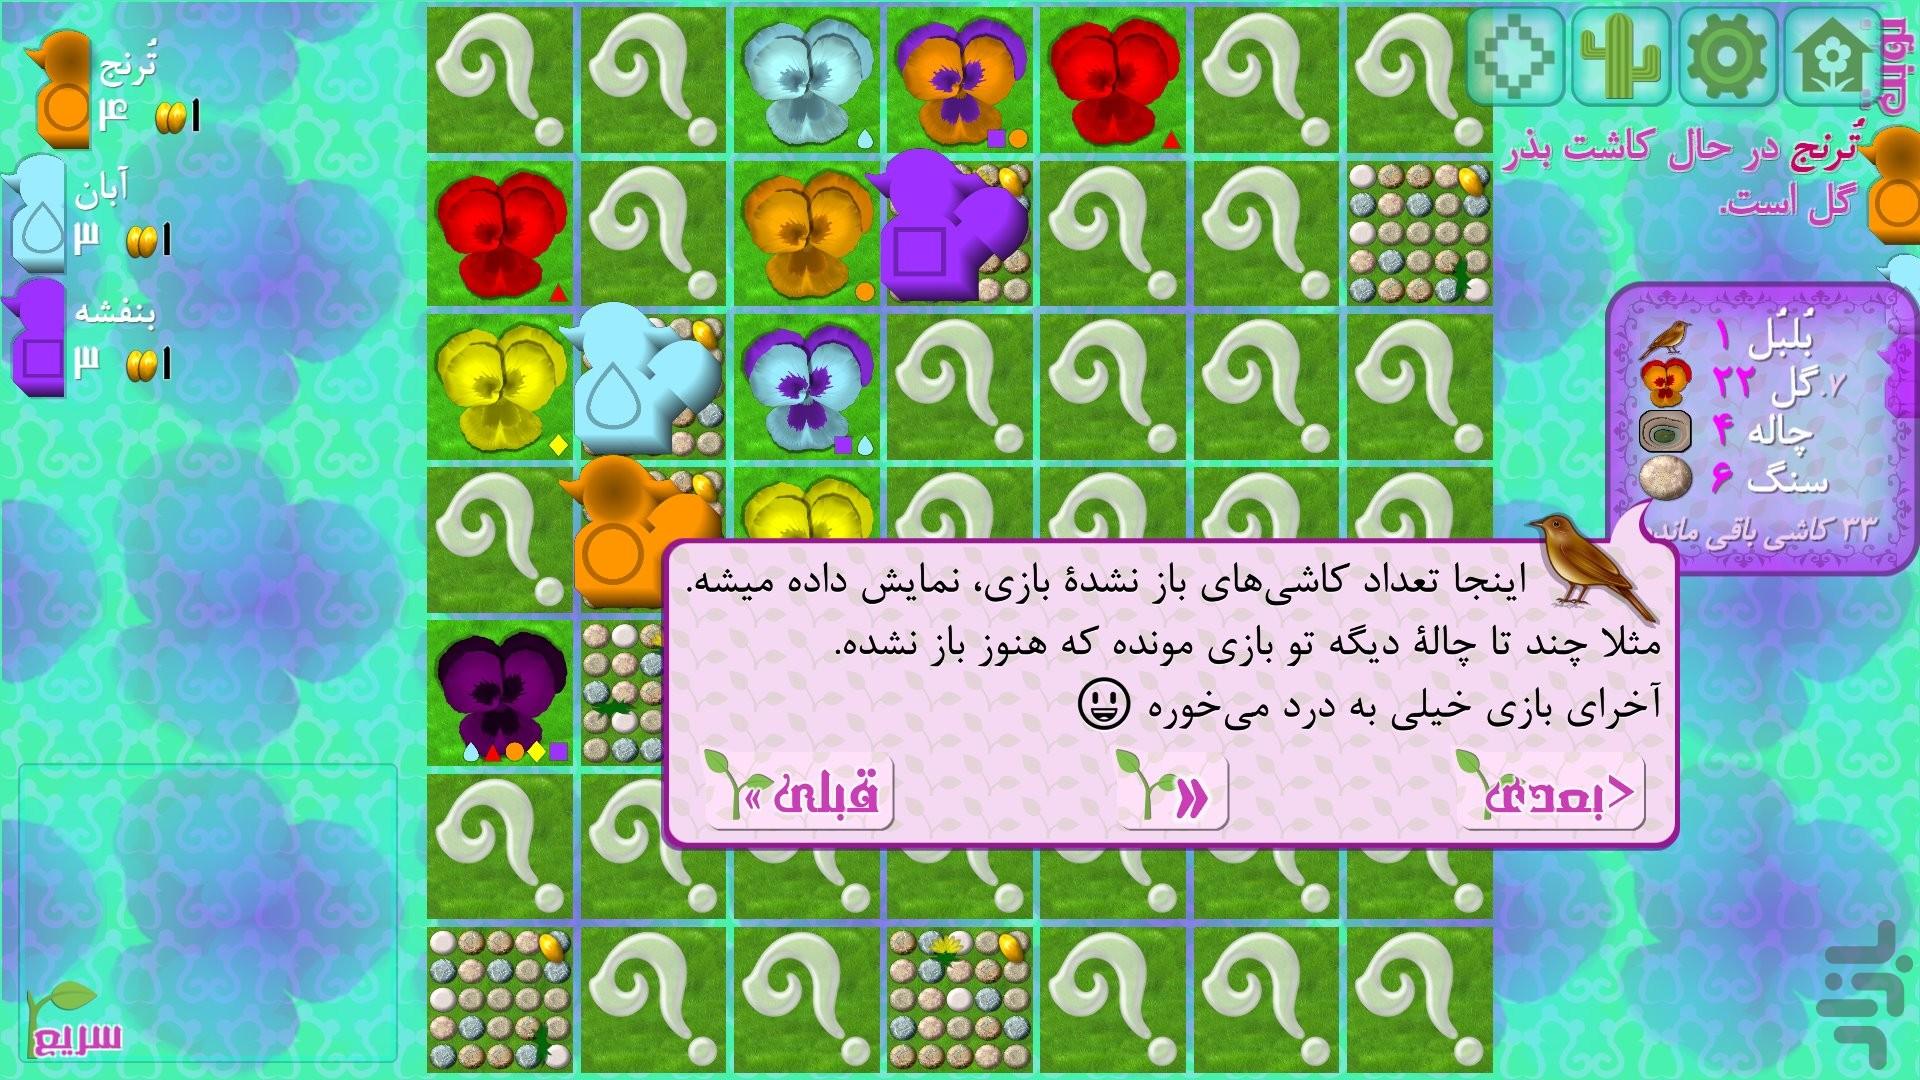 [تصویر:  com.VioletSoftStudio.VioletBoardGame-259507283170.jpg]